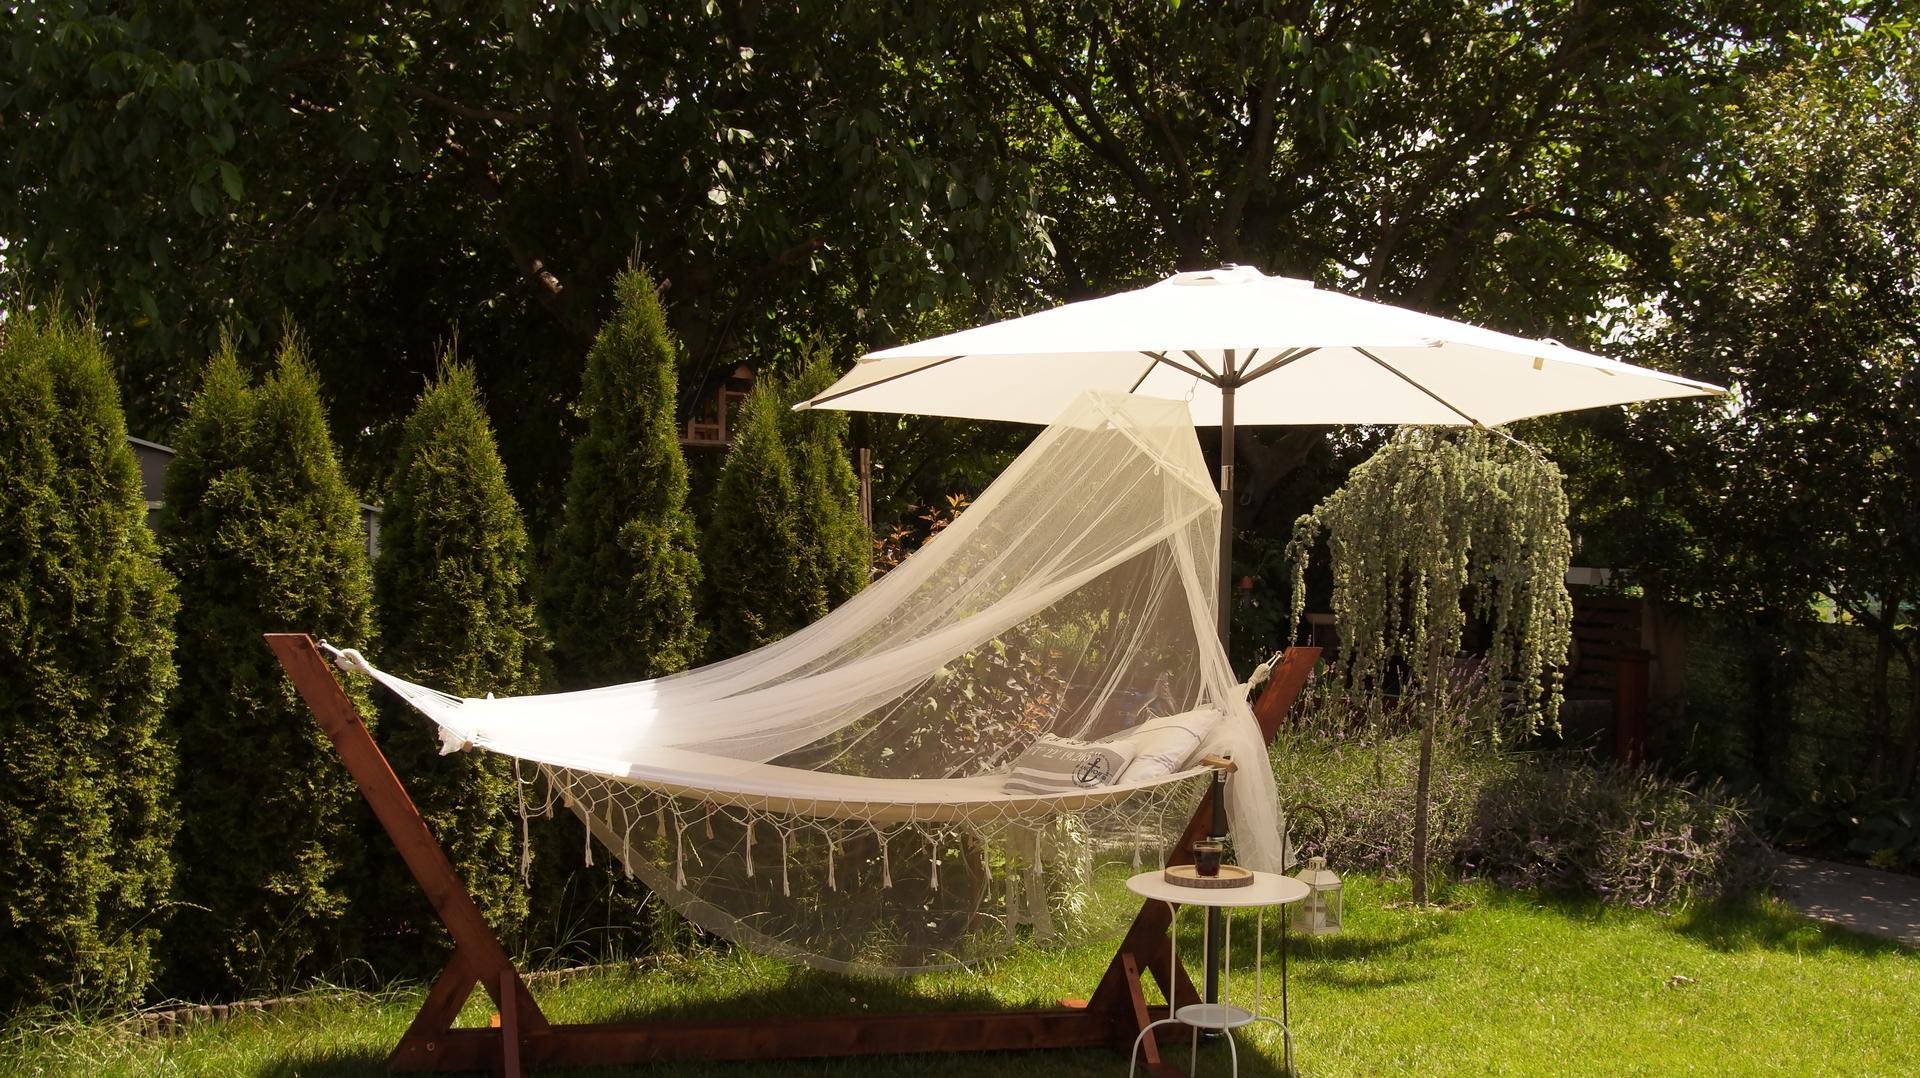 Drevený stojan na hojdaciu sieť... relax v záhrade - Obrázok č. 23